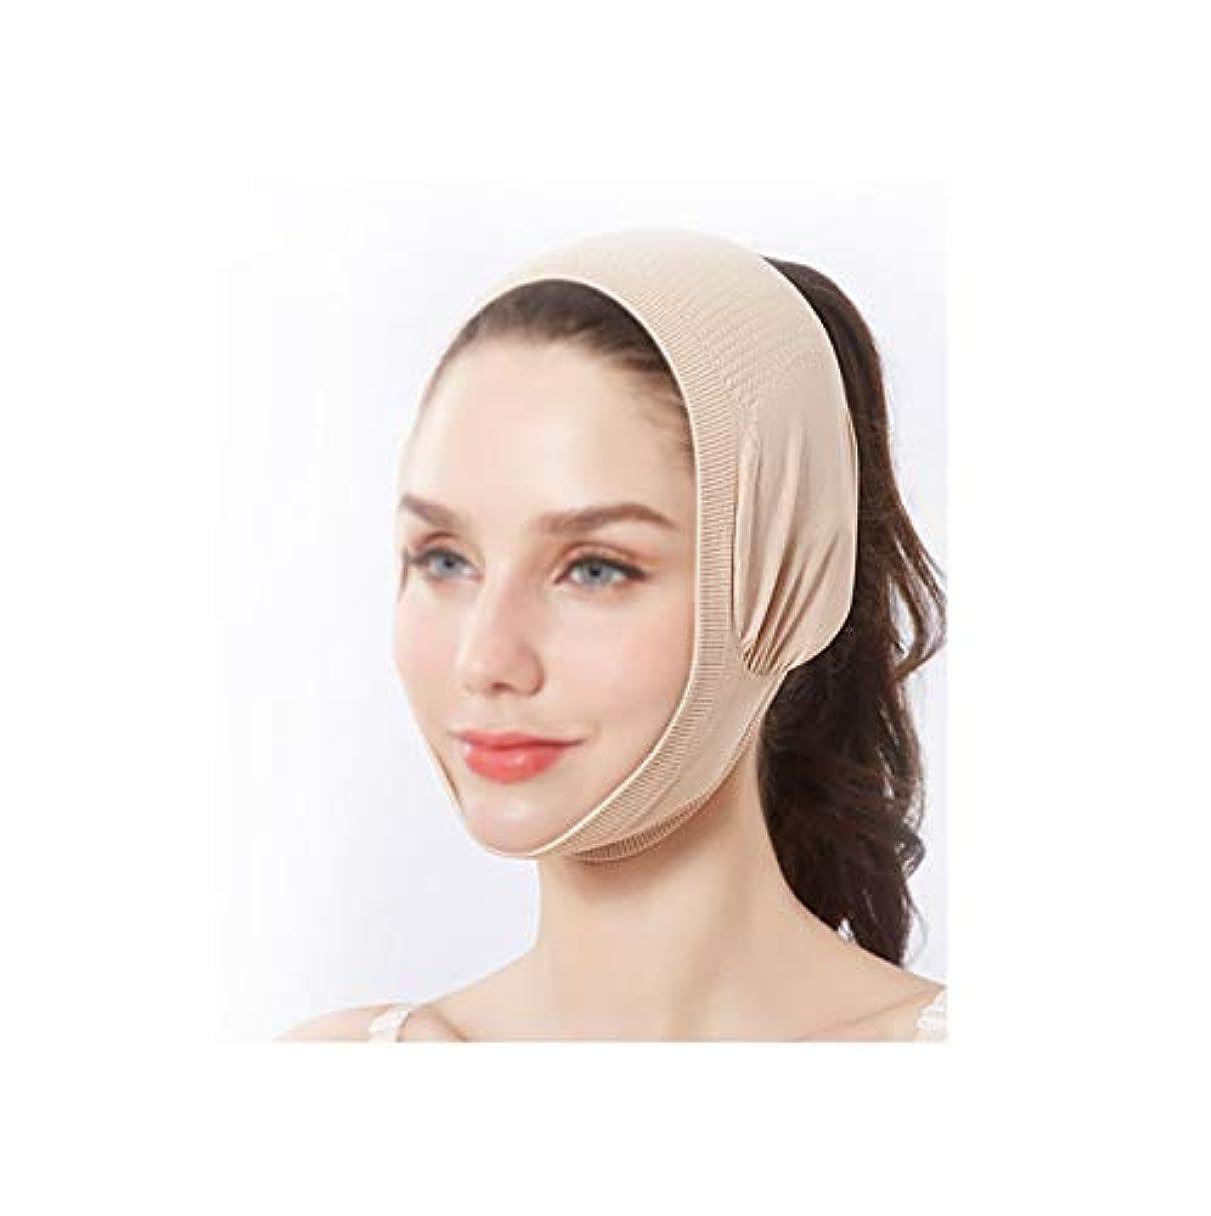 リゾート暗殺する処方TLMY フェイスリフトマスクマスクエクステンション強度フェースレス包帯フェイシャルラージVライン彫刻フェイシャルバックカバーネックバンド 顔用整形マスク (Color : Skin tone)